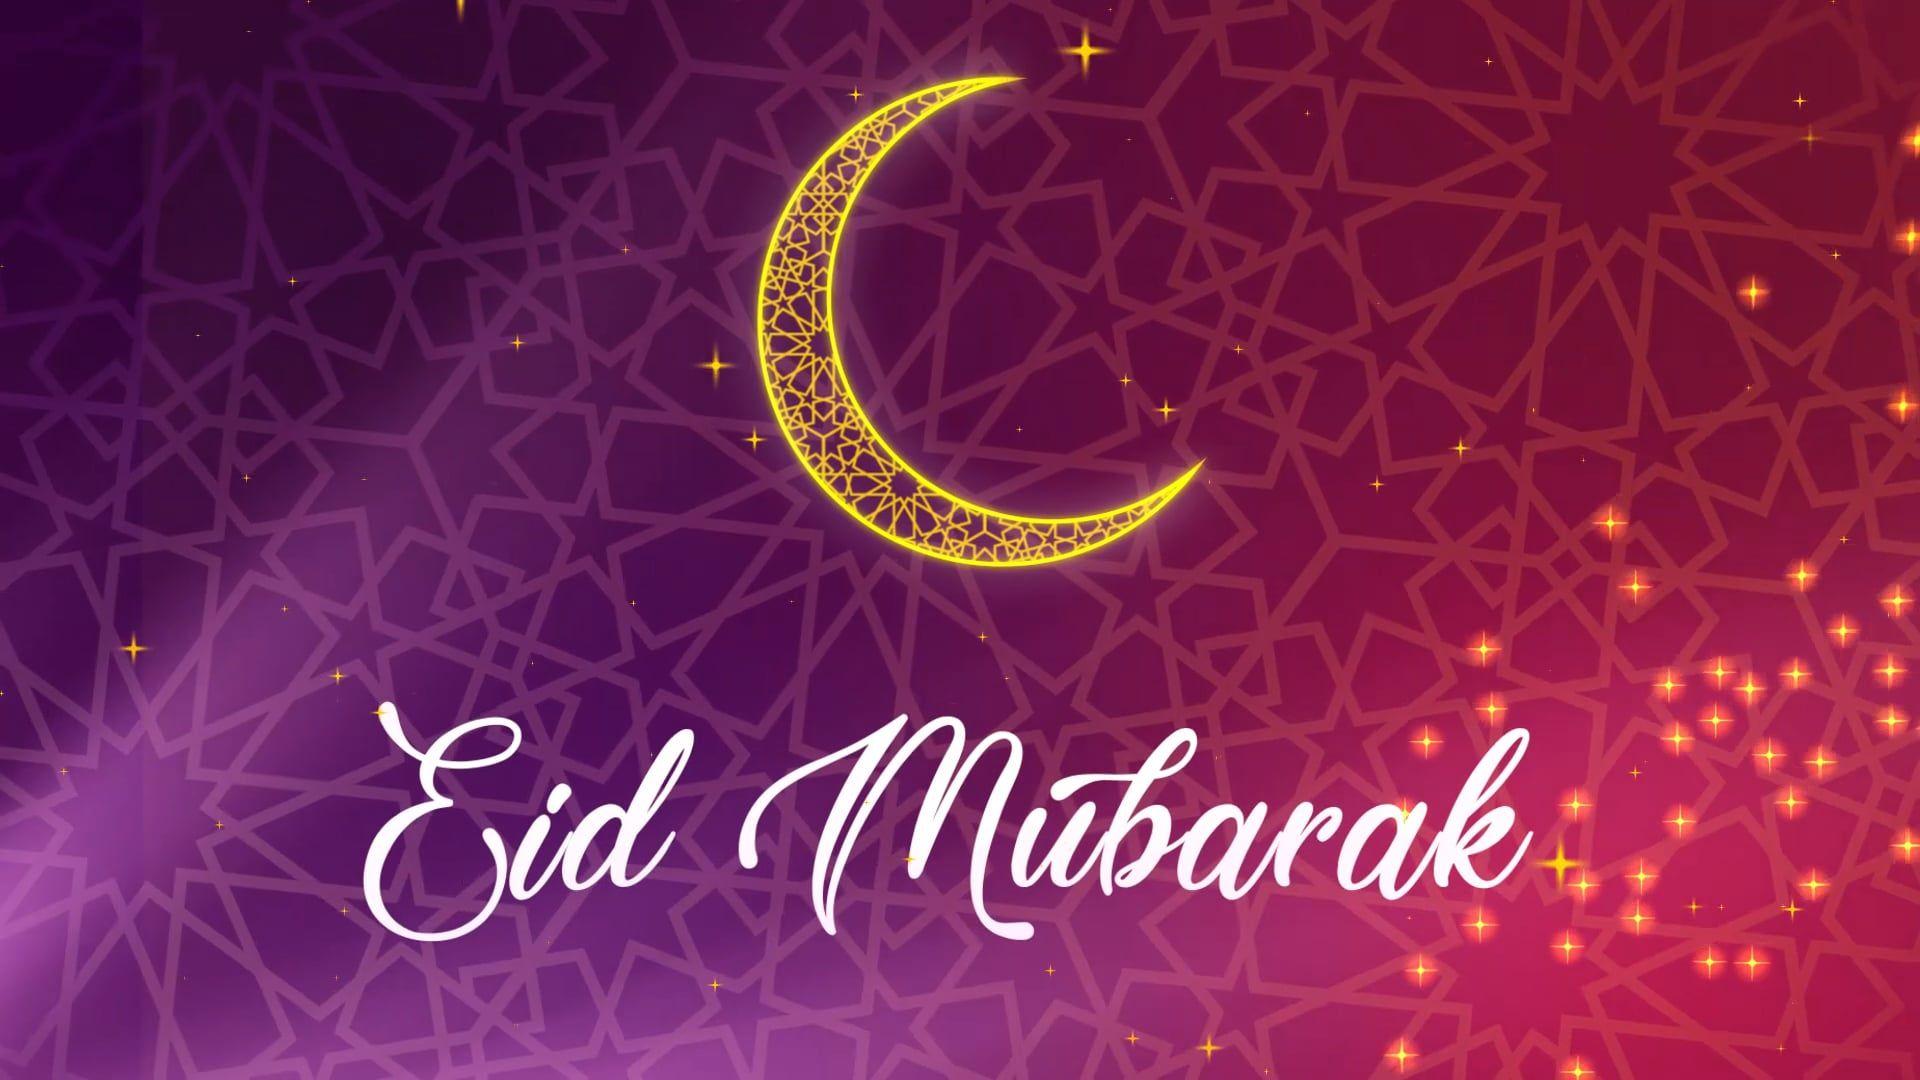 Eid Mubarak After Effects Animaton With Images Eid Mubarak